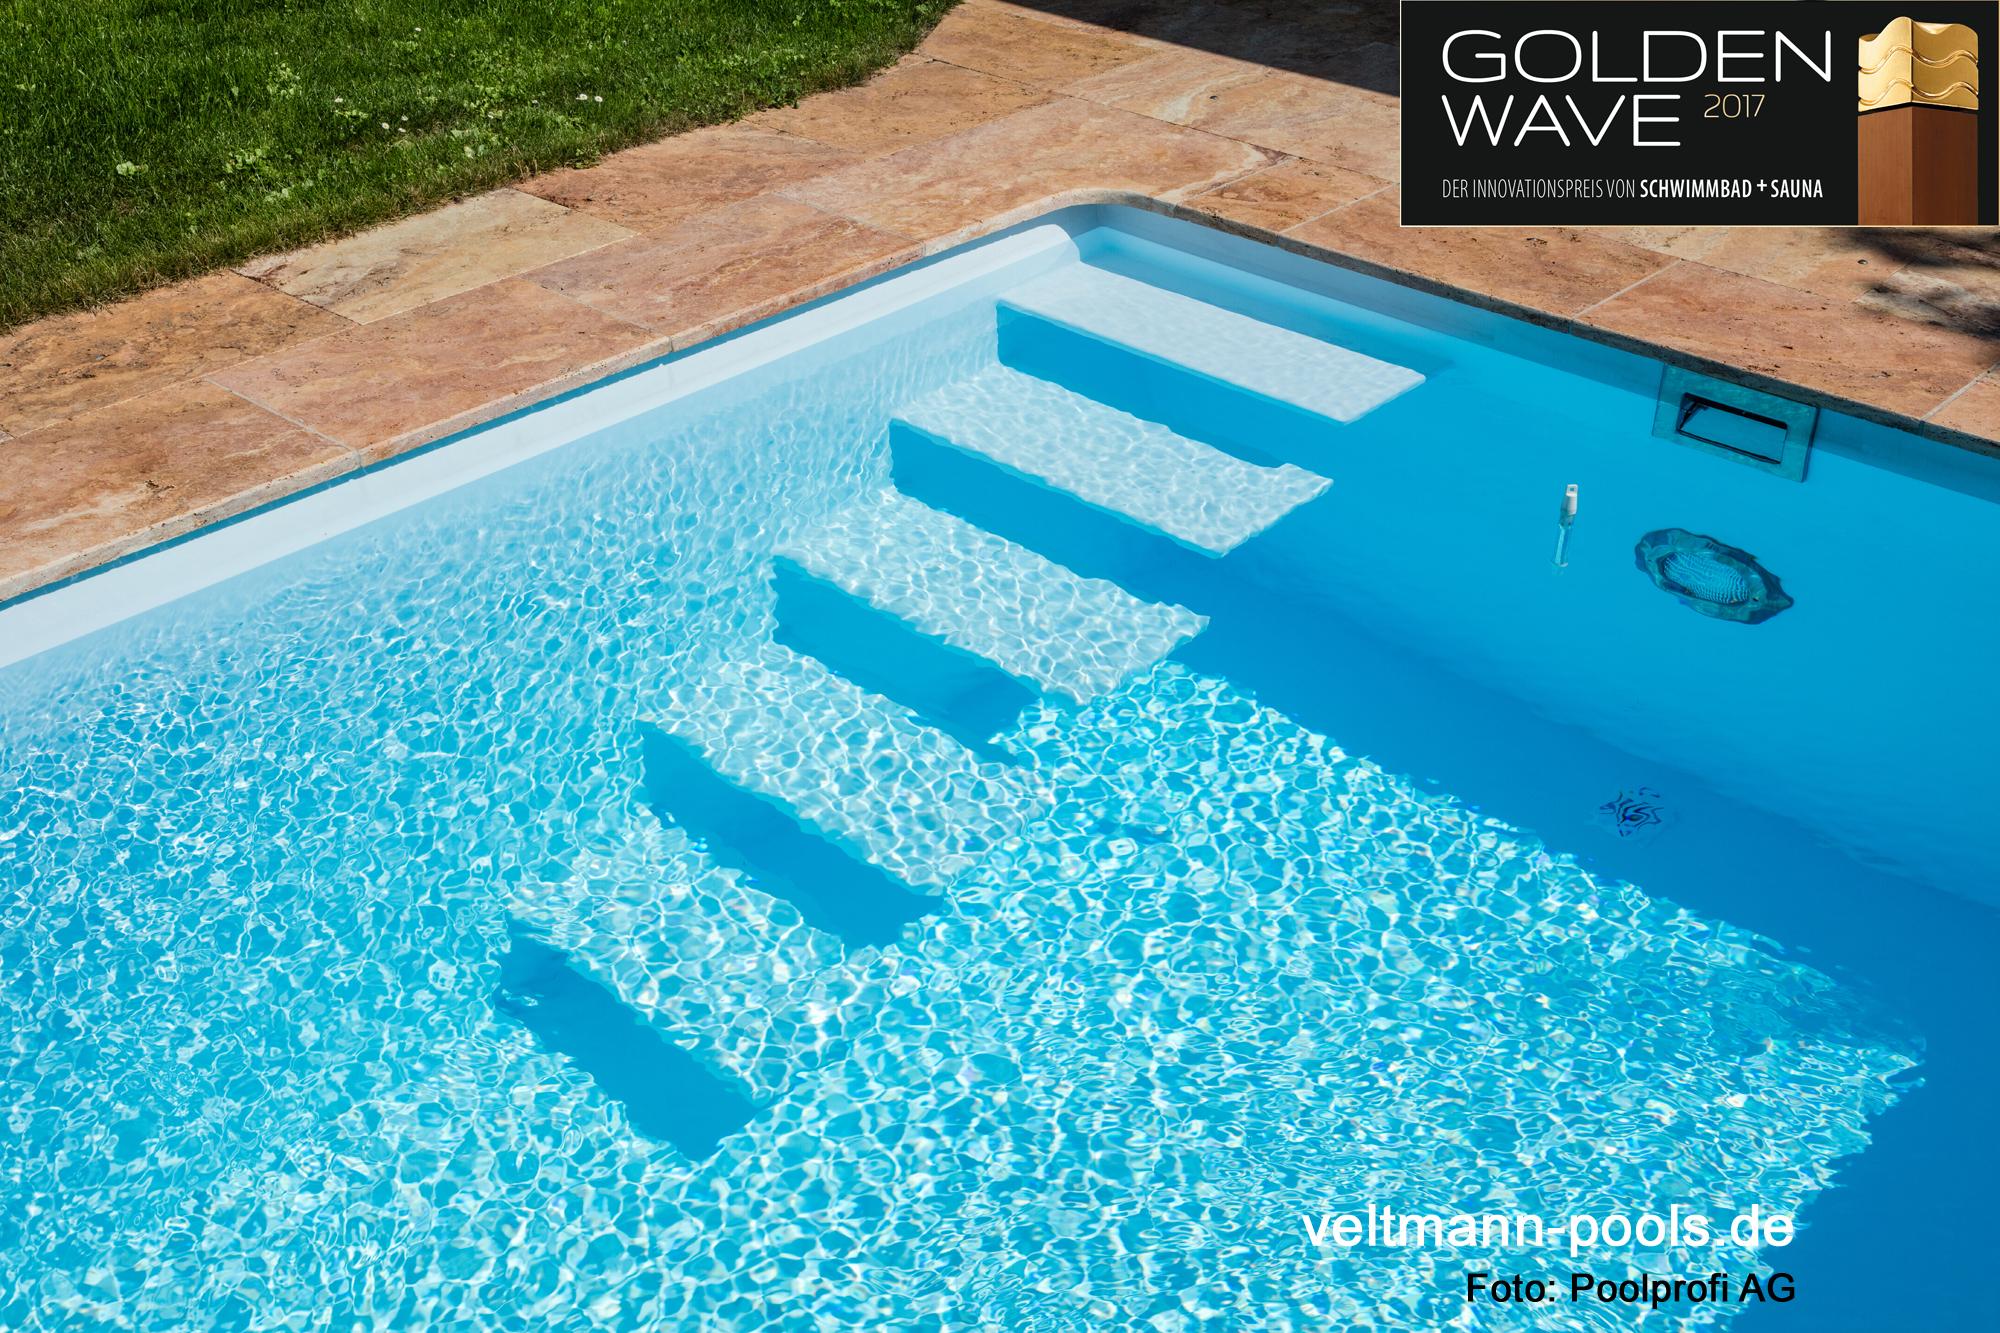 perlende Stufen dafür Ausgezeichnet mit dem Golden Wave 2017